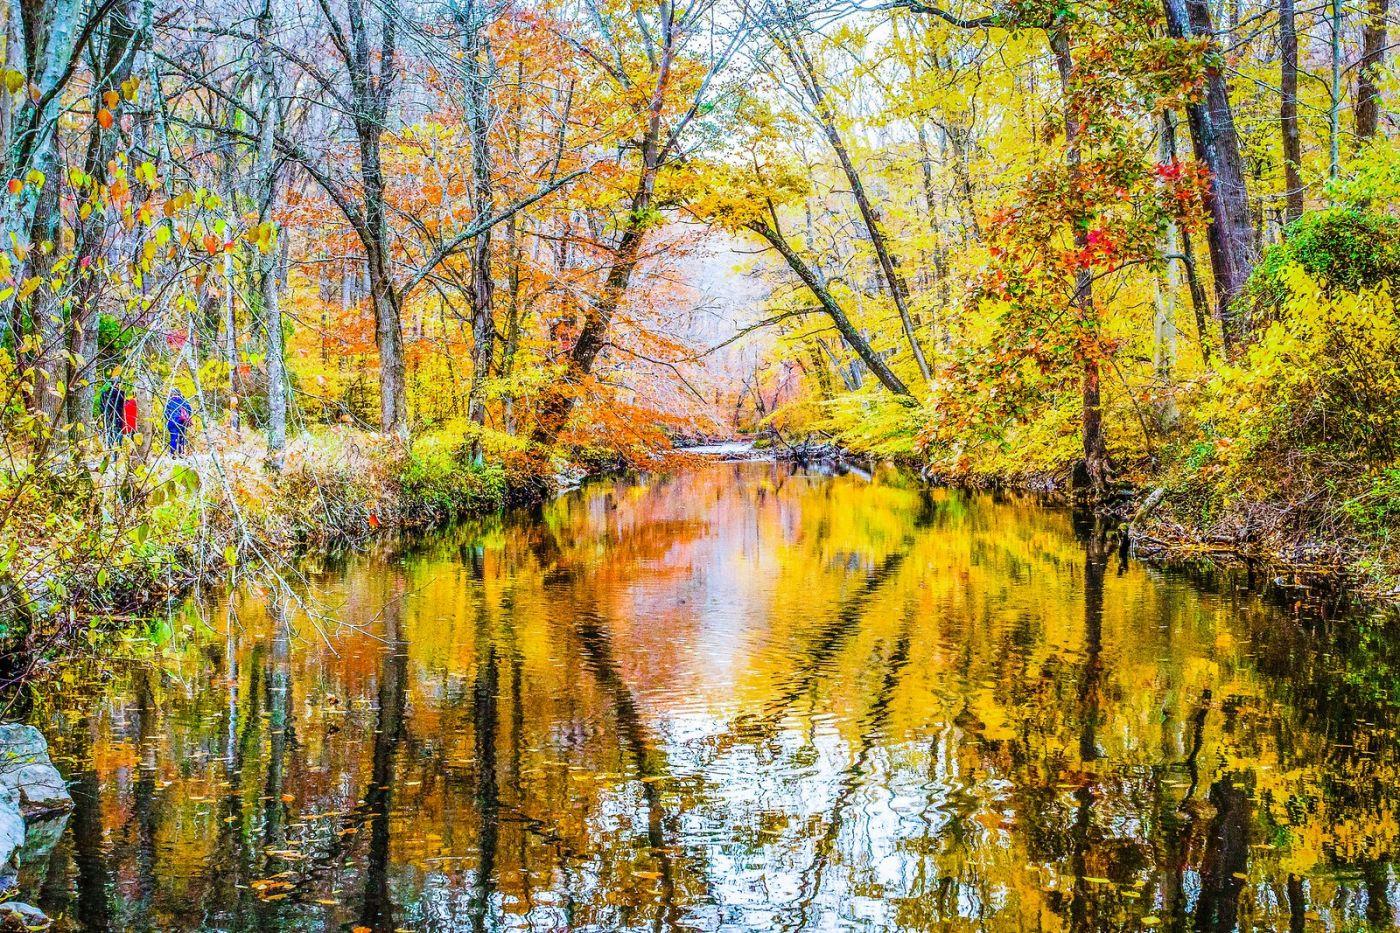 宾州雷德利克里克公园(Ridley creek park),大自然的舞台_图1-6